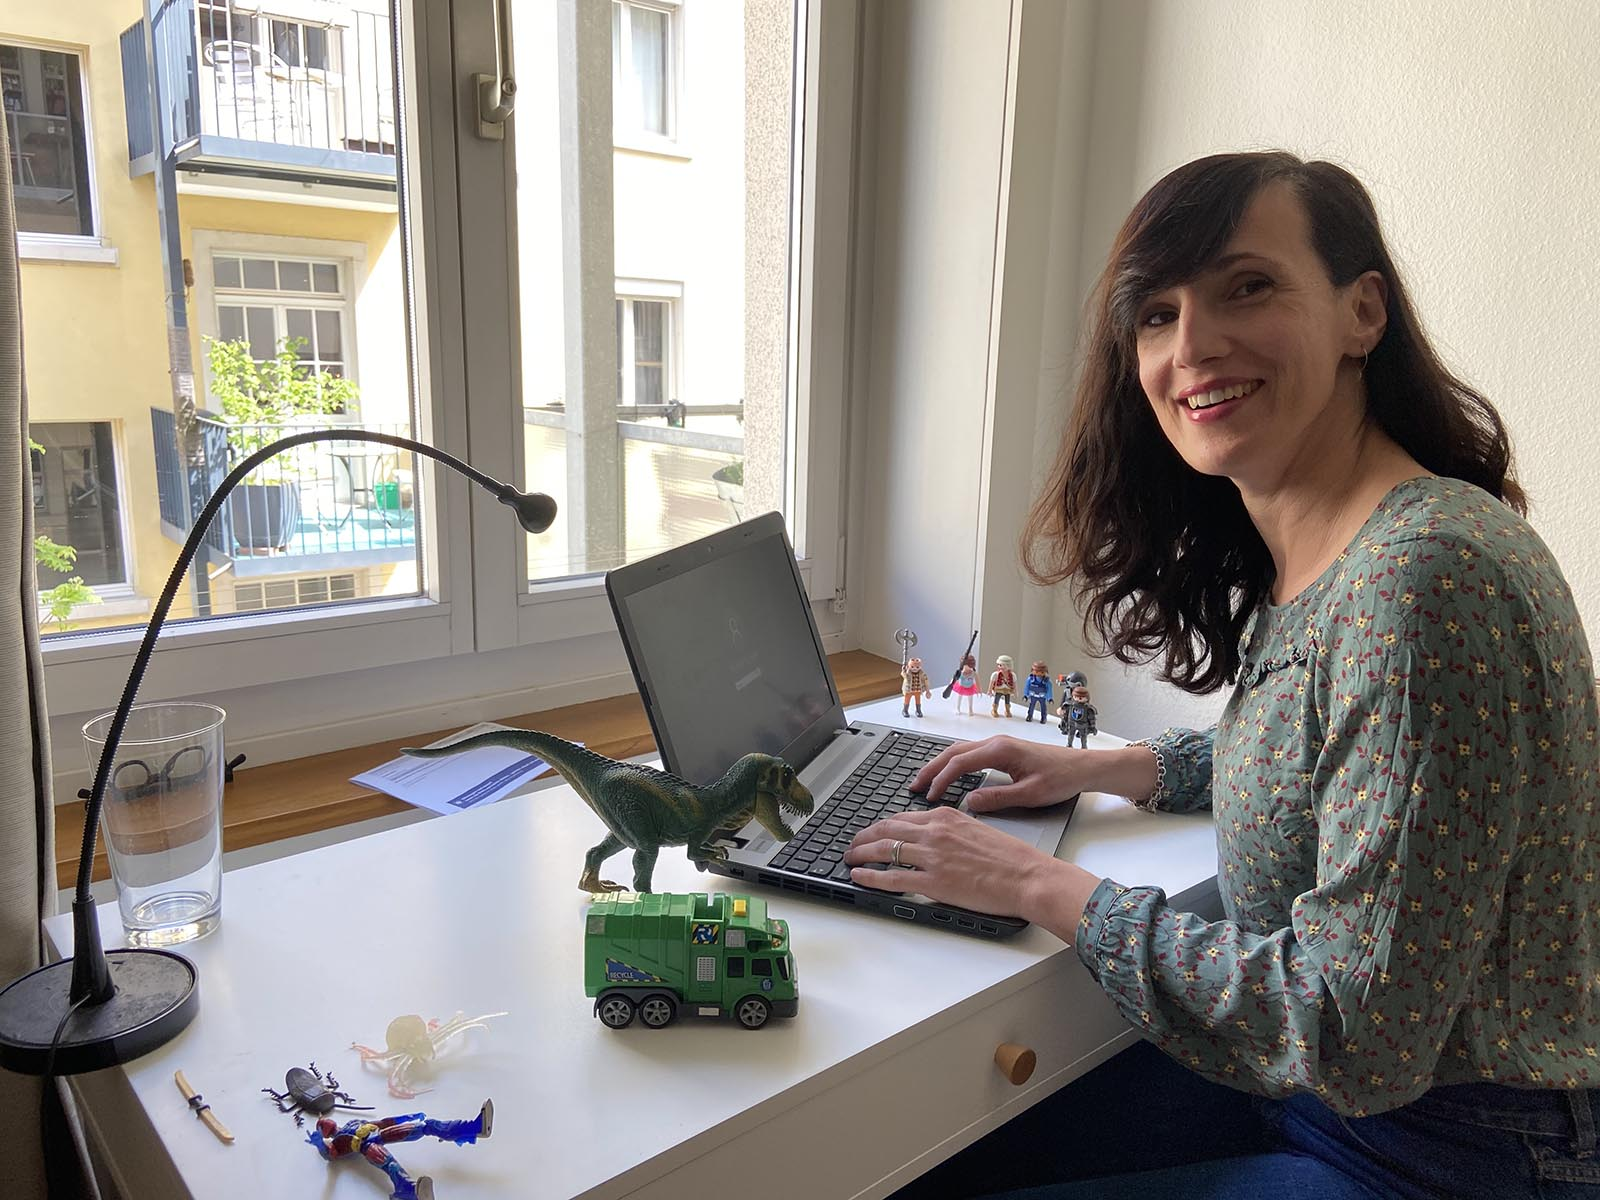 Natasa Karnath, Geschäftsleiterin der Genossenschaft Zeitgut Zürich Höngg-Wipkingen, im Homeoffice.